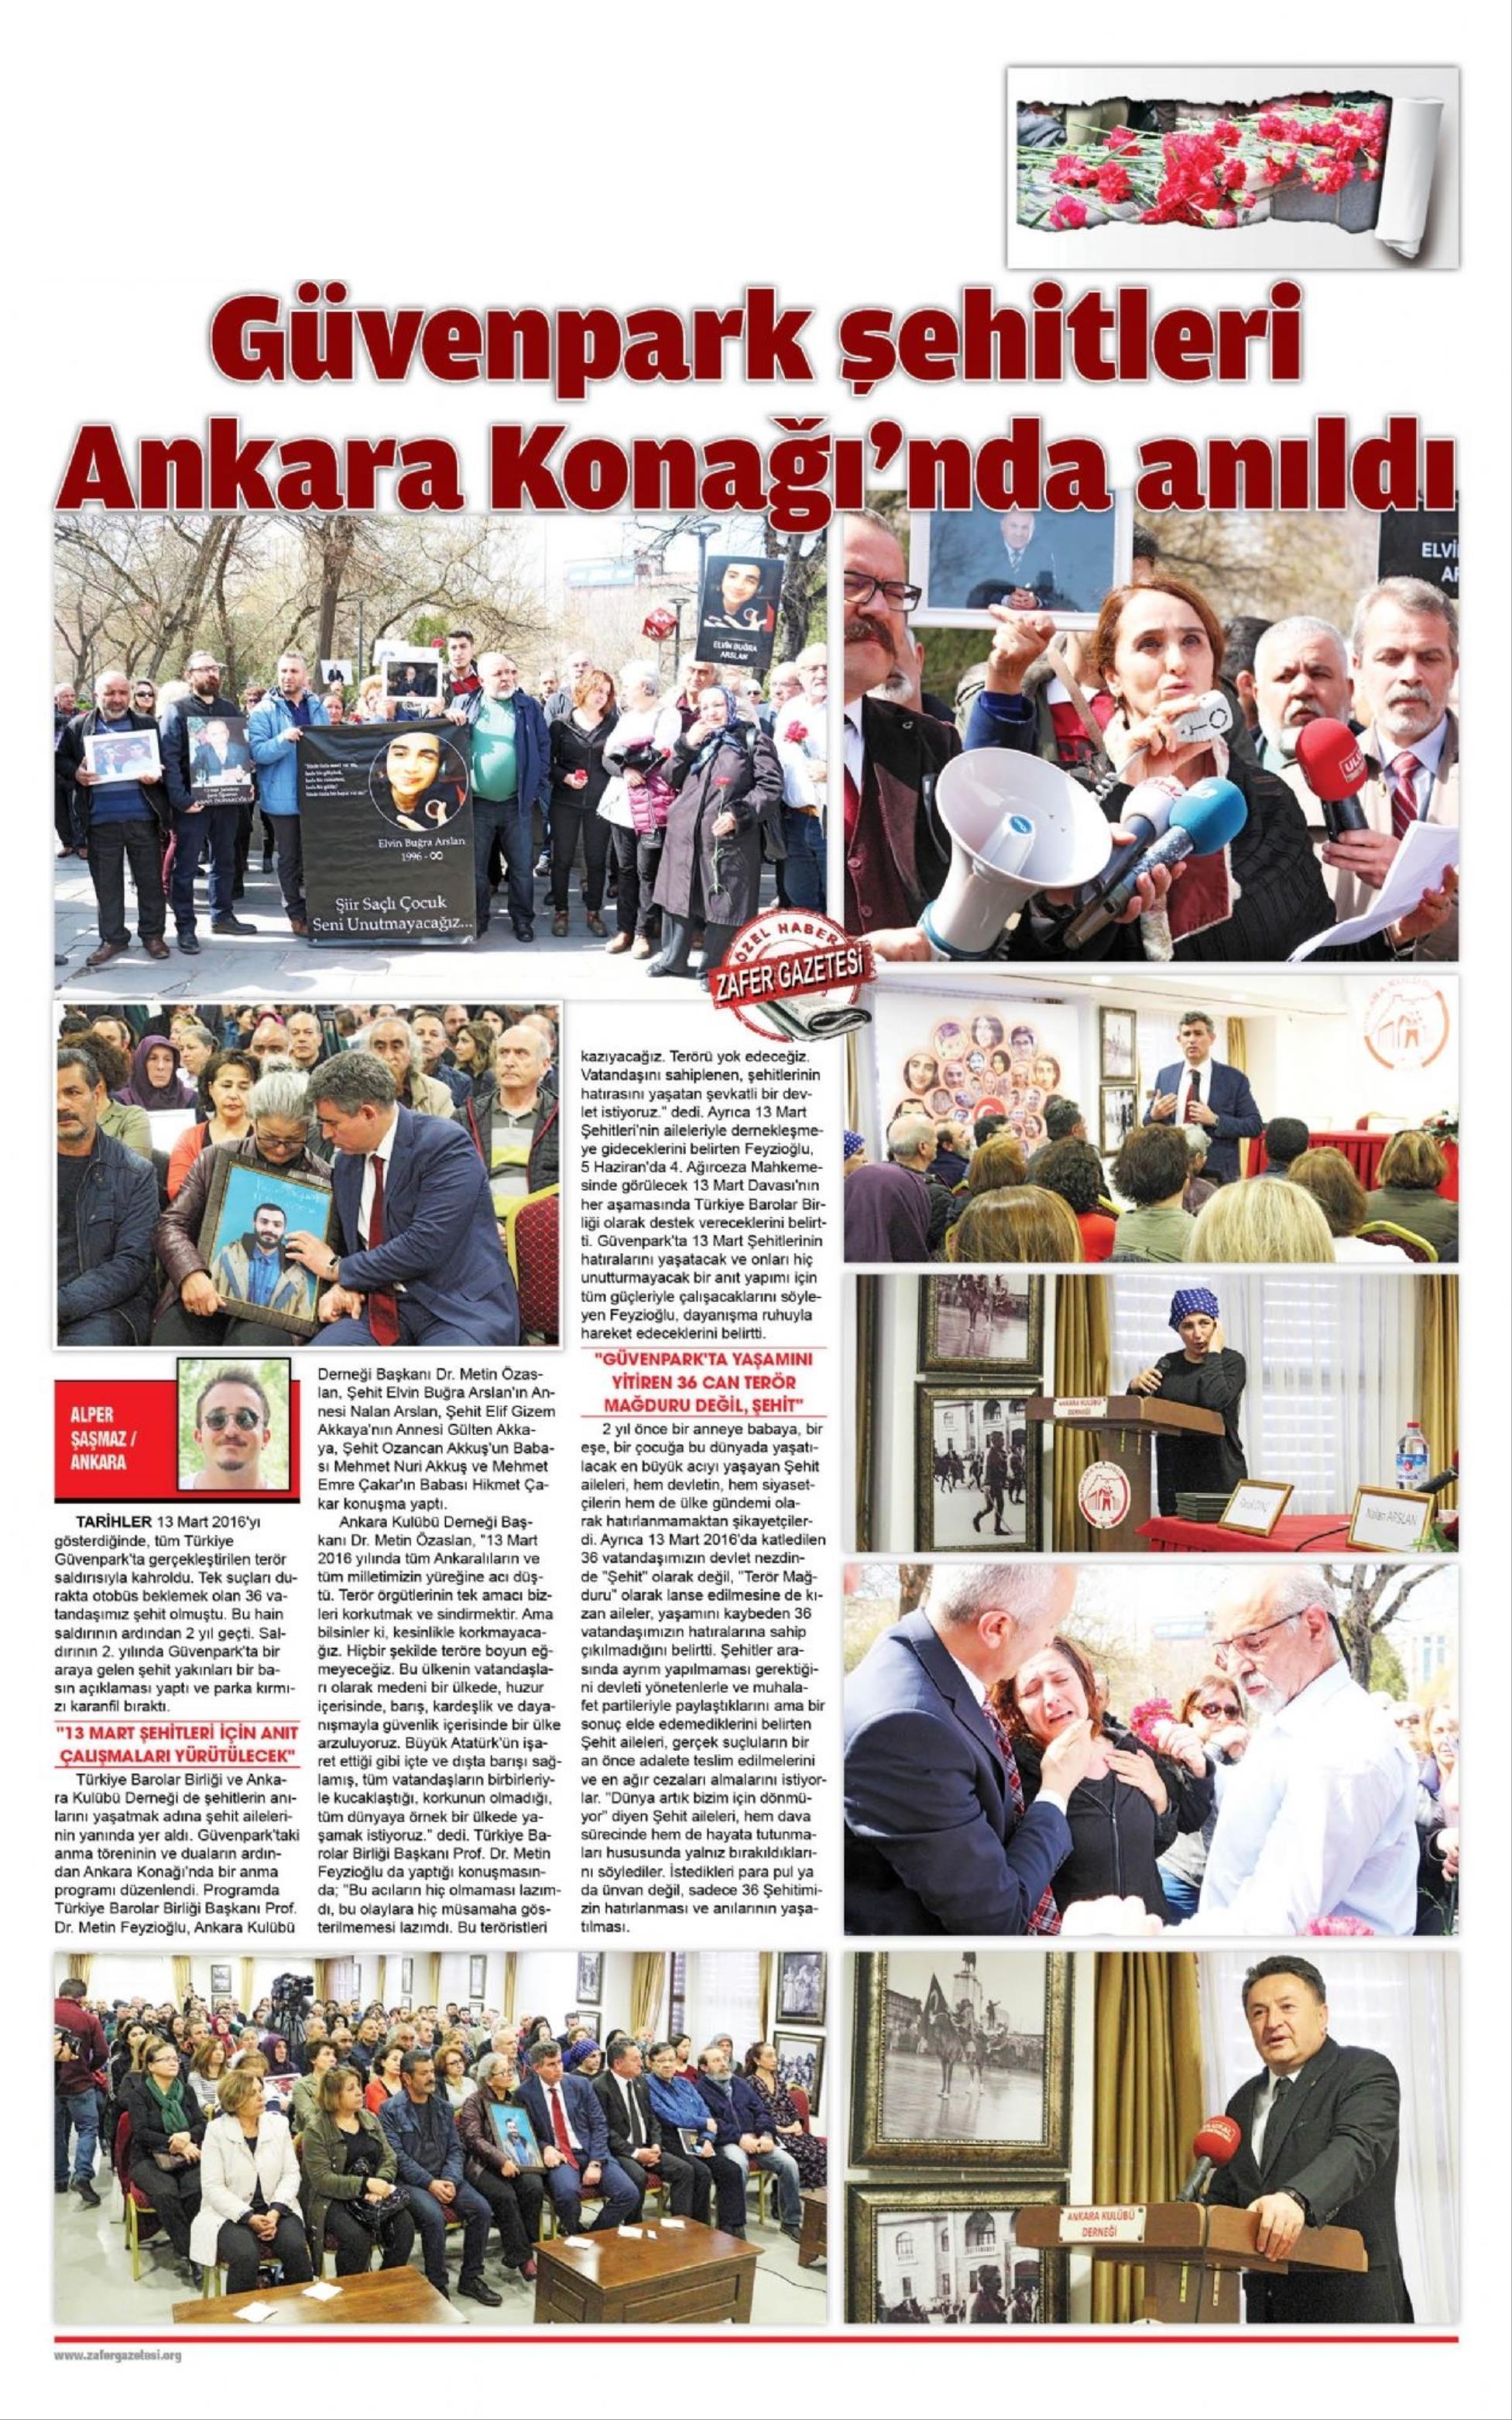 Yerel - Zafer, Güvenpark şehitleri Ankara konağı'nda anıldı